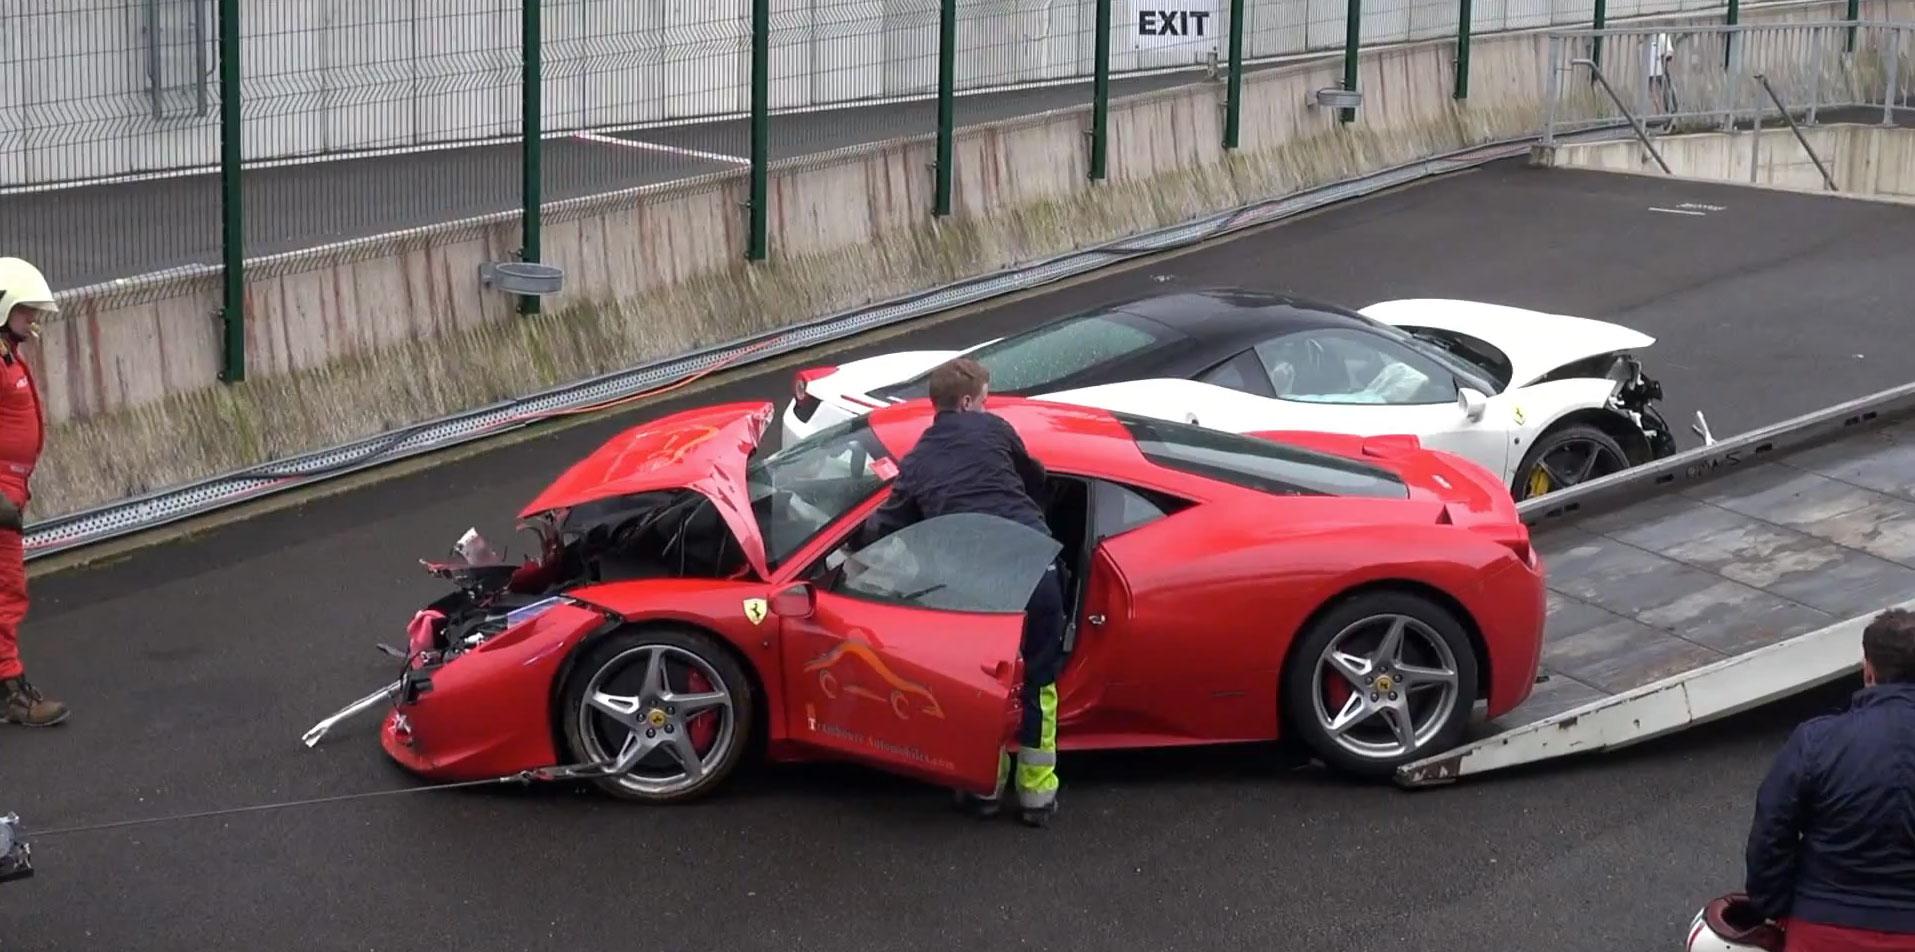 It S A Ferrari Smashtravaganza At Spa Francorchamps Video